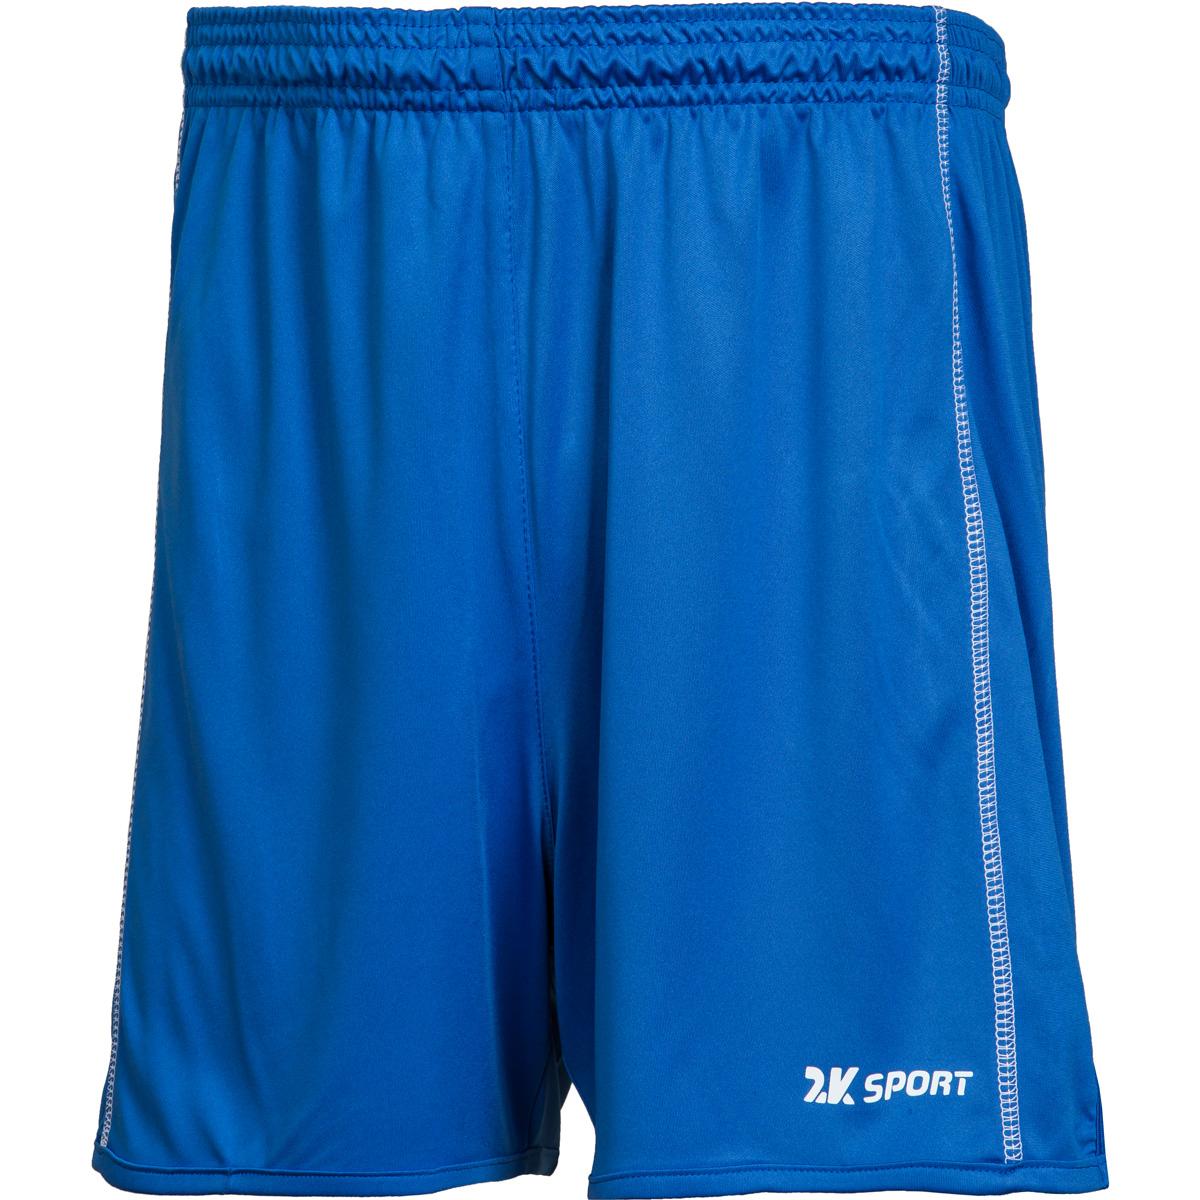 Шорты волейбольные мужские 2K Sport Energy, цвет: синий. 140041. Размер L (50)140041_royalВолейбольные шорты с контрастными полосами по бокам. Изготовлены из ткани повышенной прочности, дополнены эластичным поясом со шнурками.